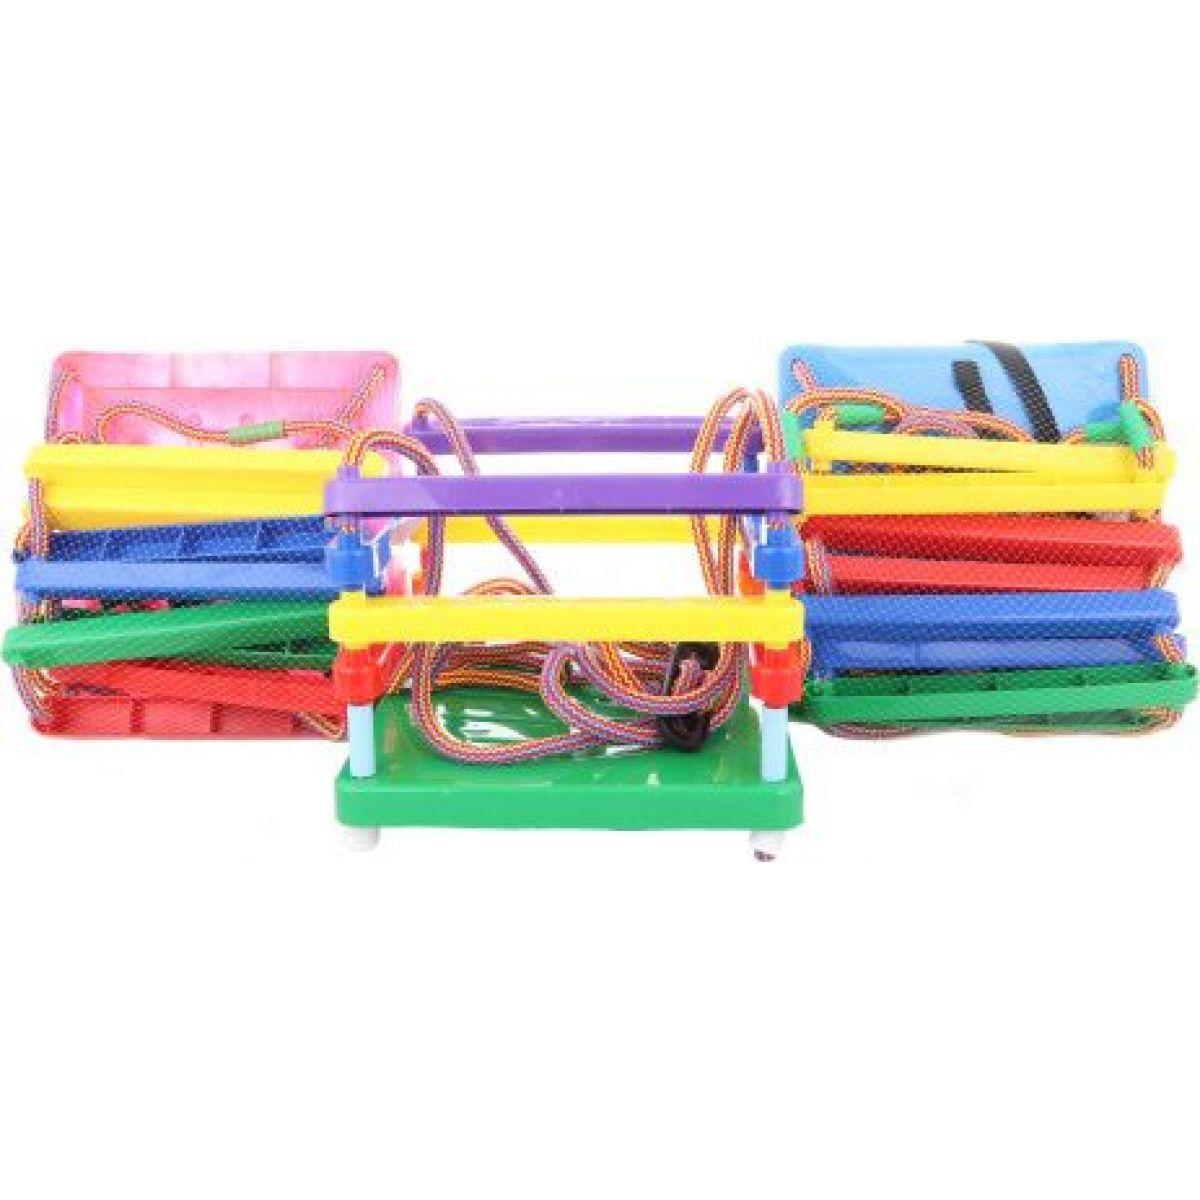 MikiFun Houpačka dětská plastová na zahradu - červený sedák